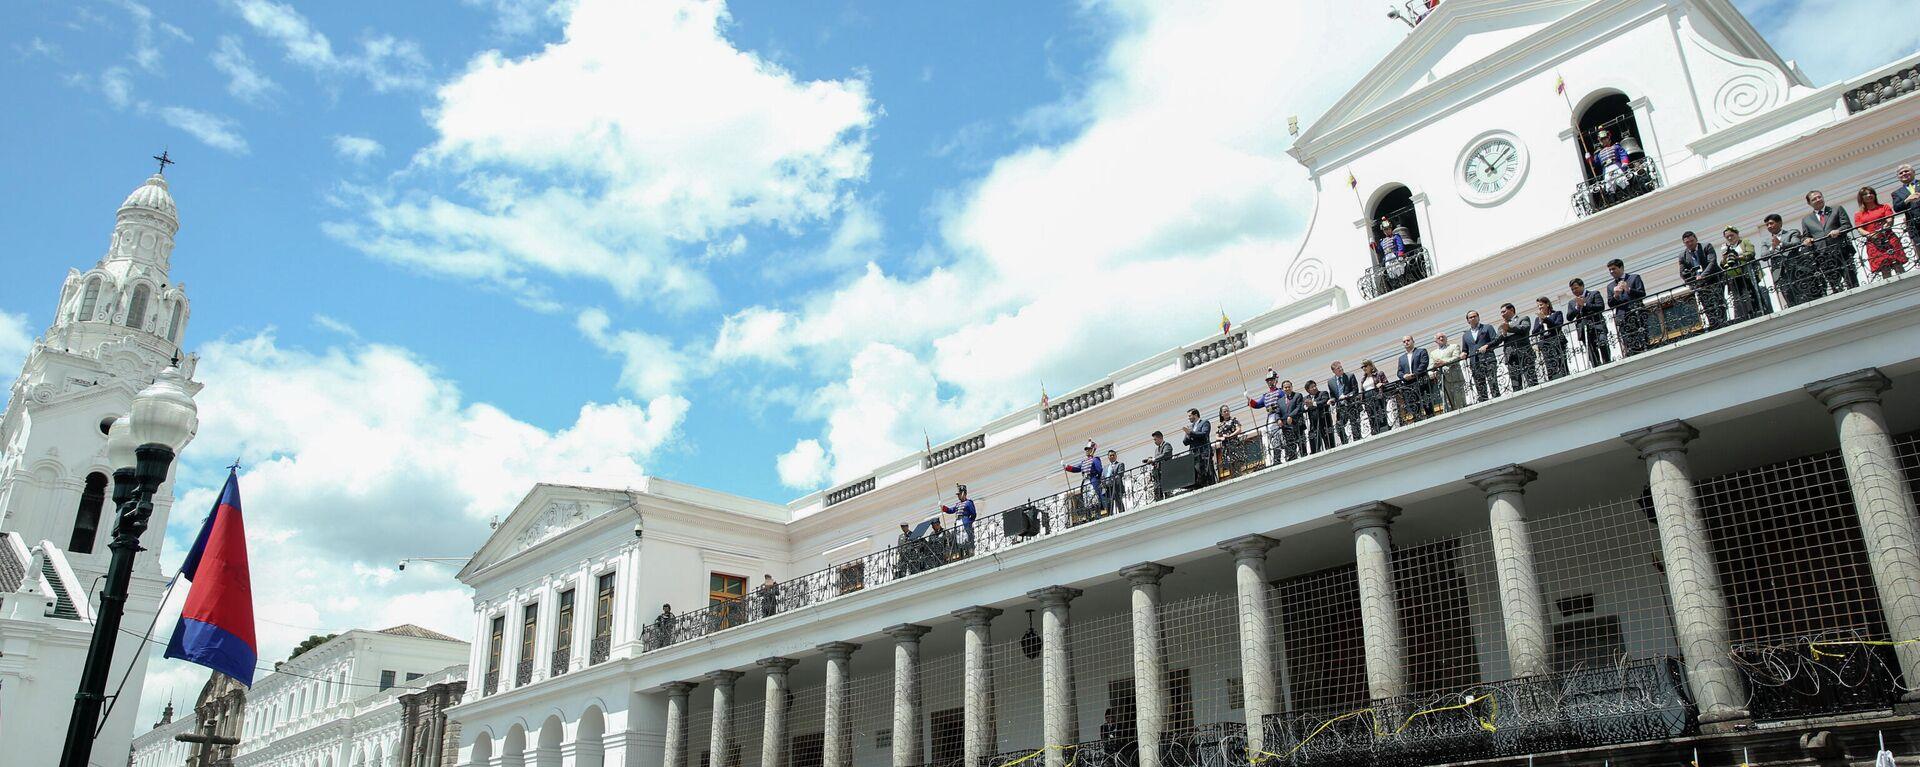 Palacio Carondelet, sede del Gobierno de Ecuador - Sputnik Mundo, 1920, 31.08.2021